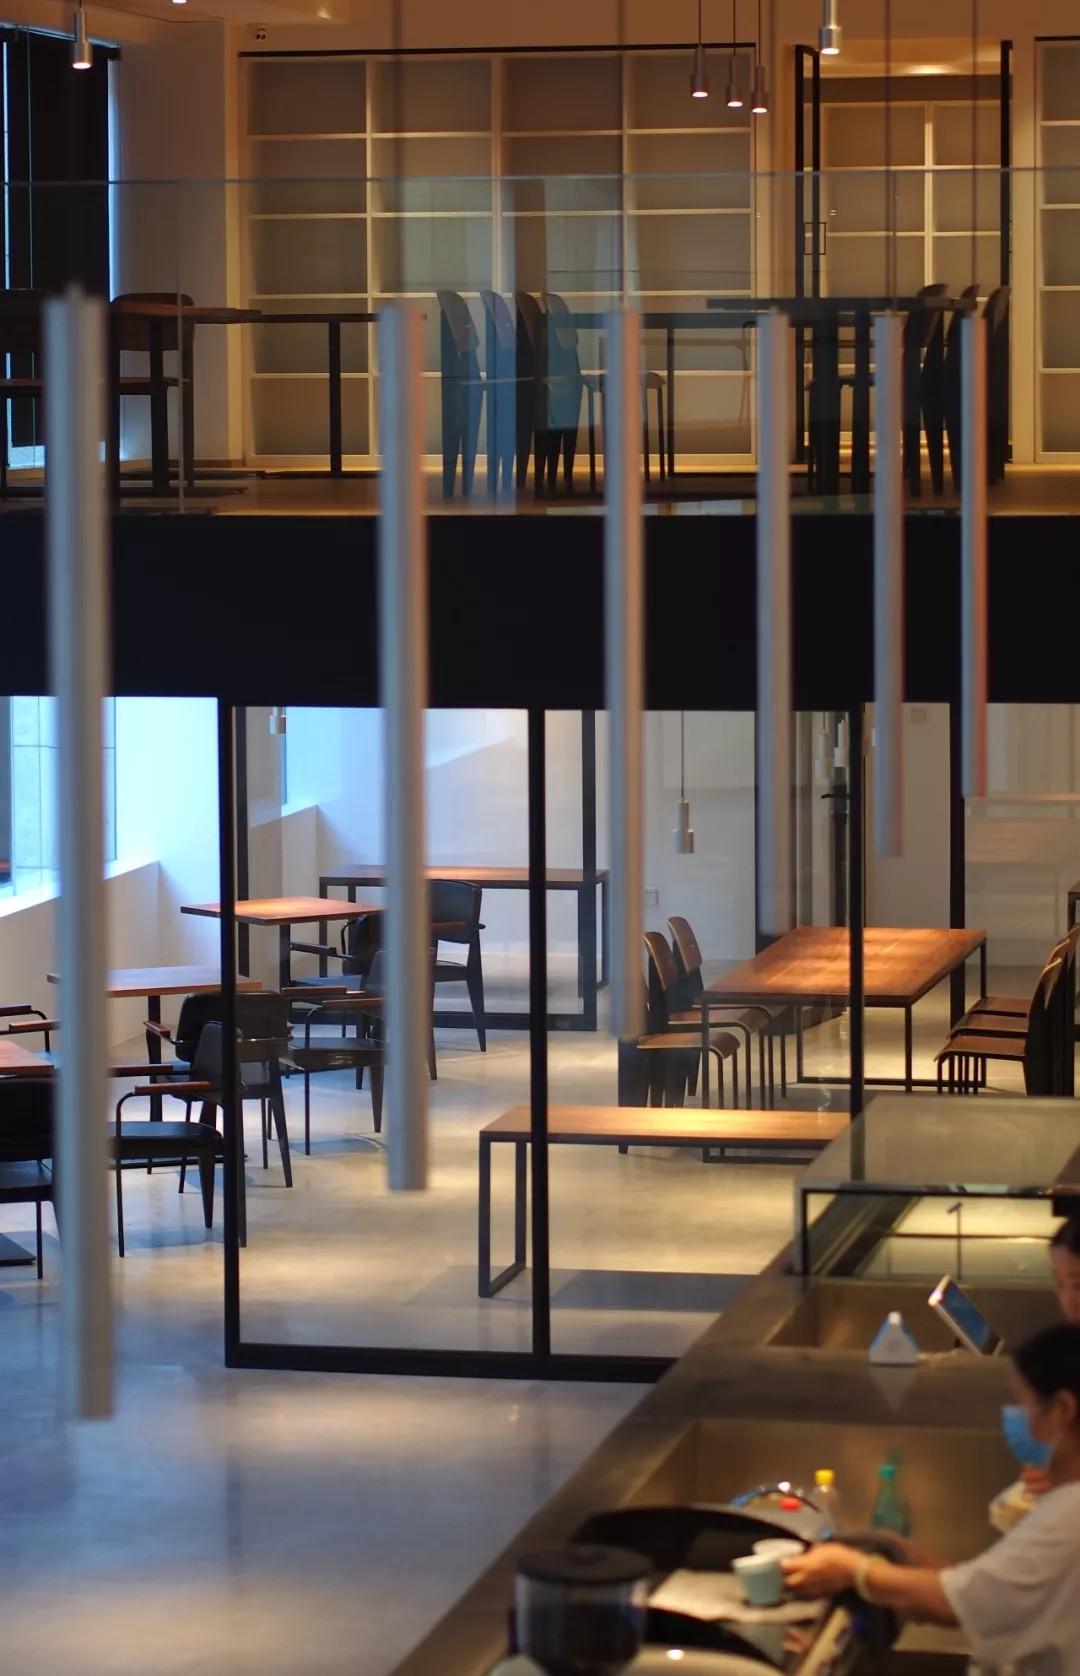 格调与艺术,于咖啡厅气质的糅合升华